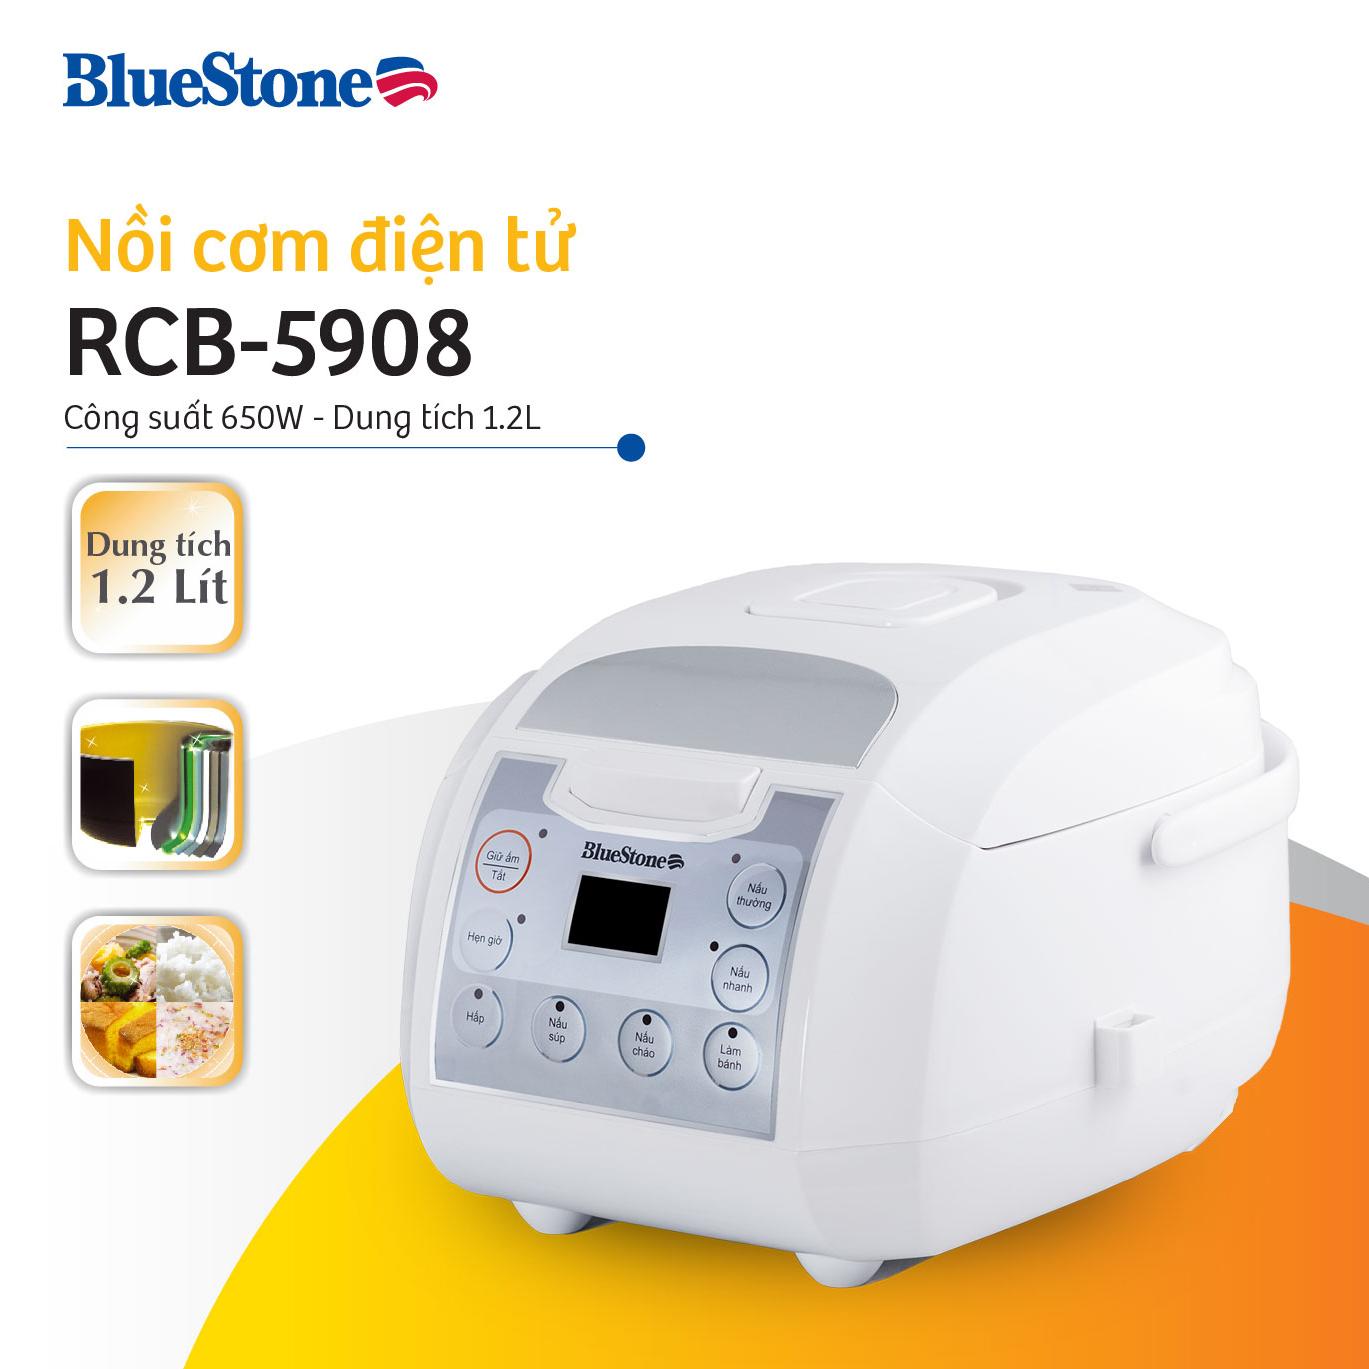 Nồi Cơm Điện Tử Bluestone RCB-5908 (1.2L)